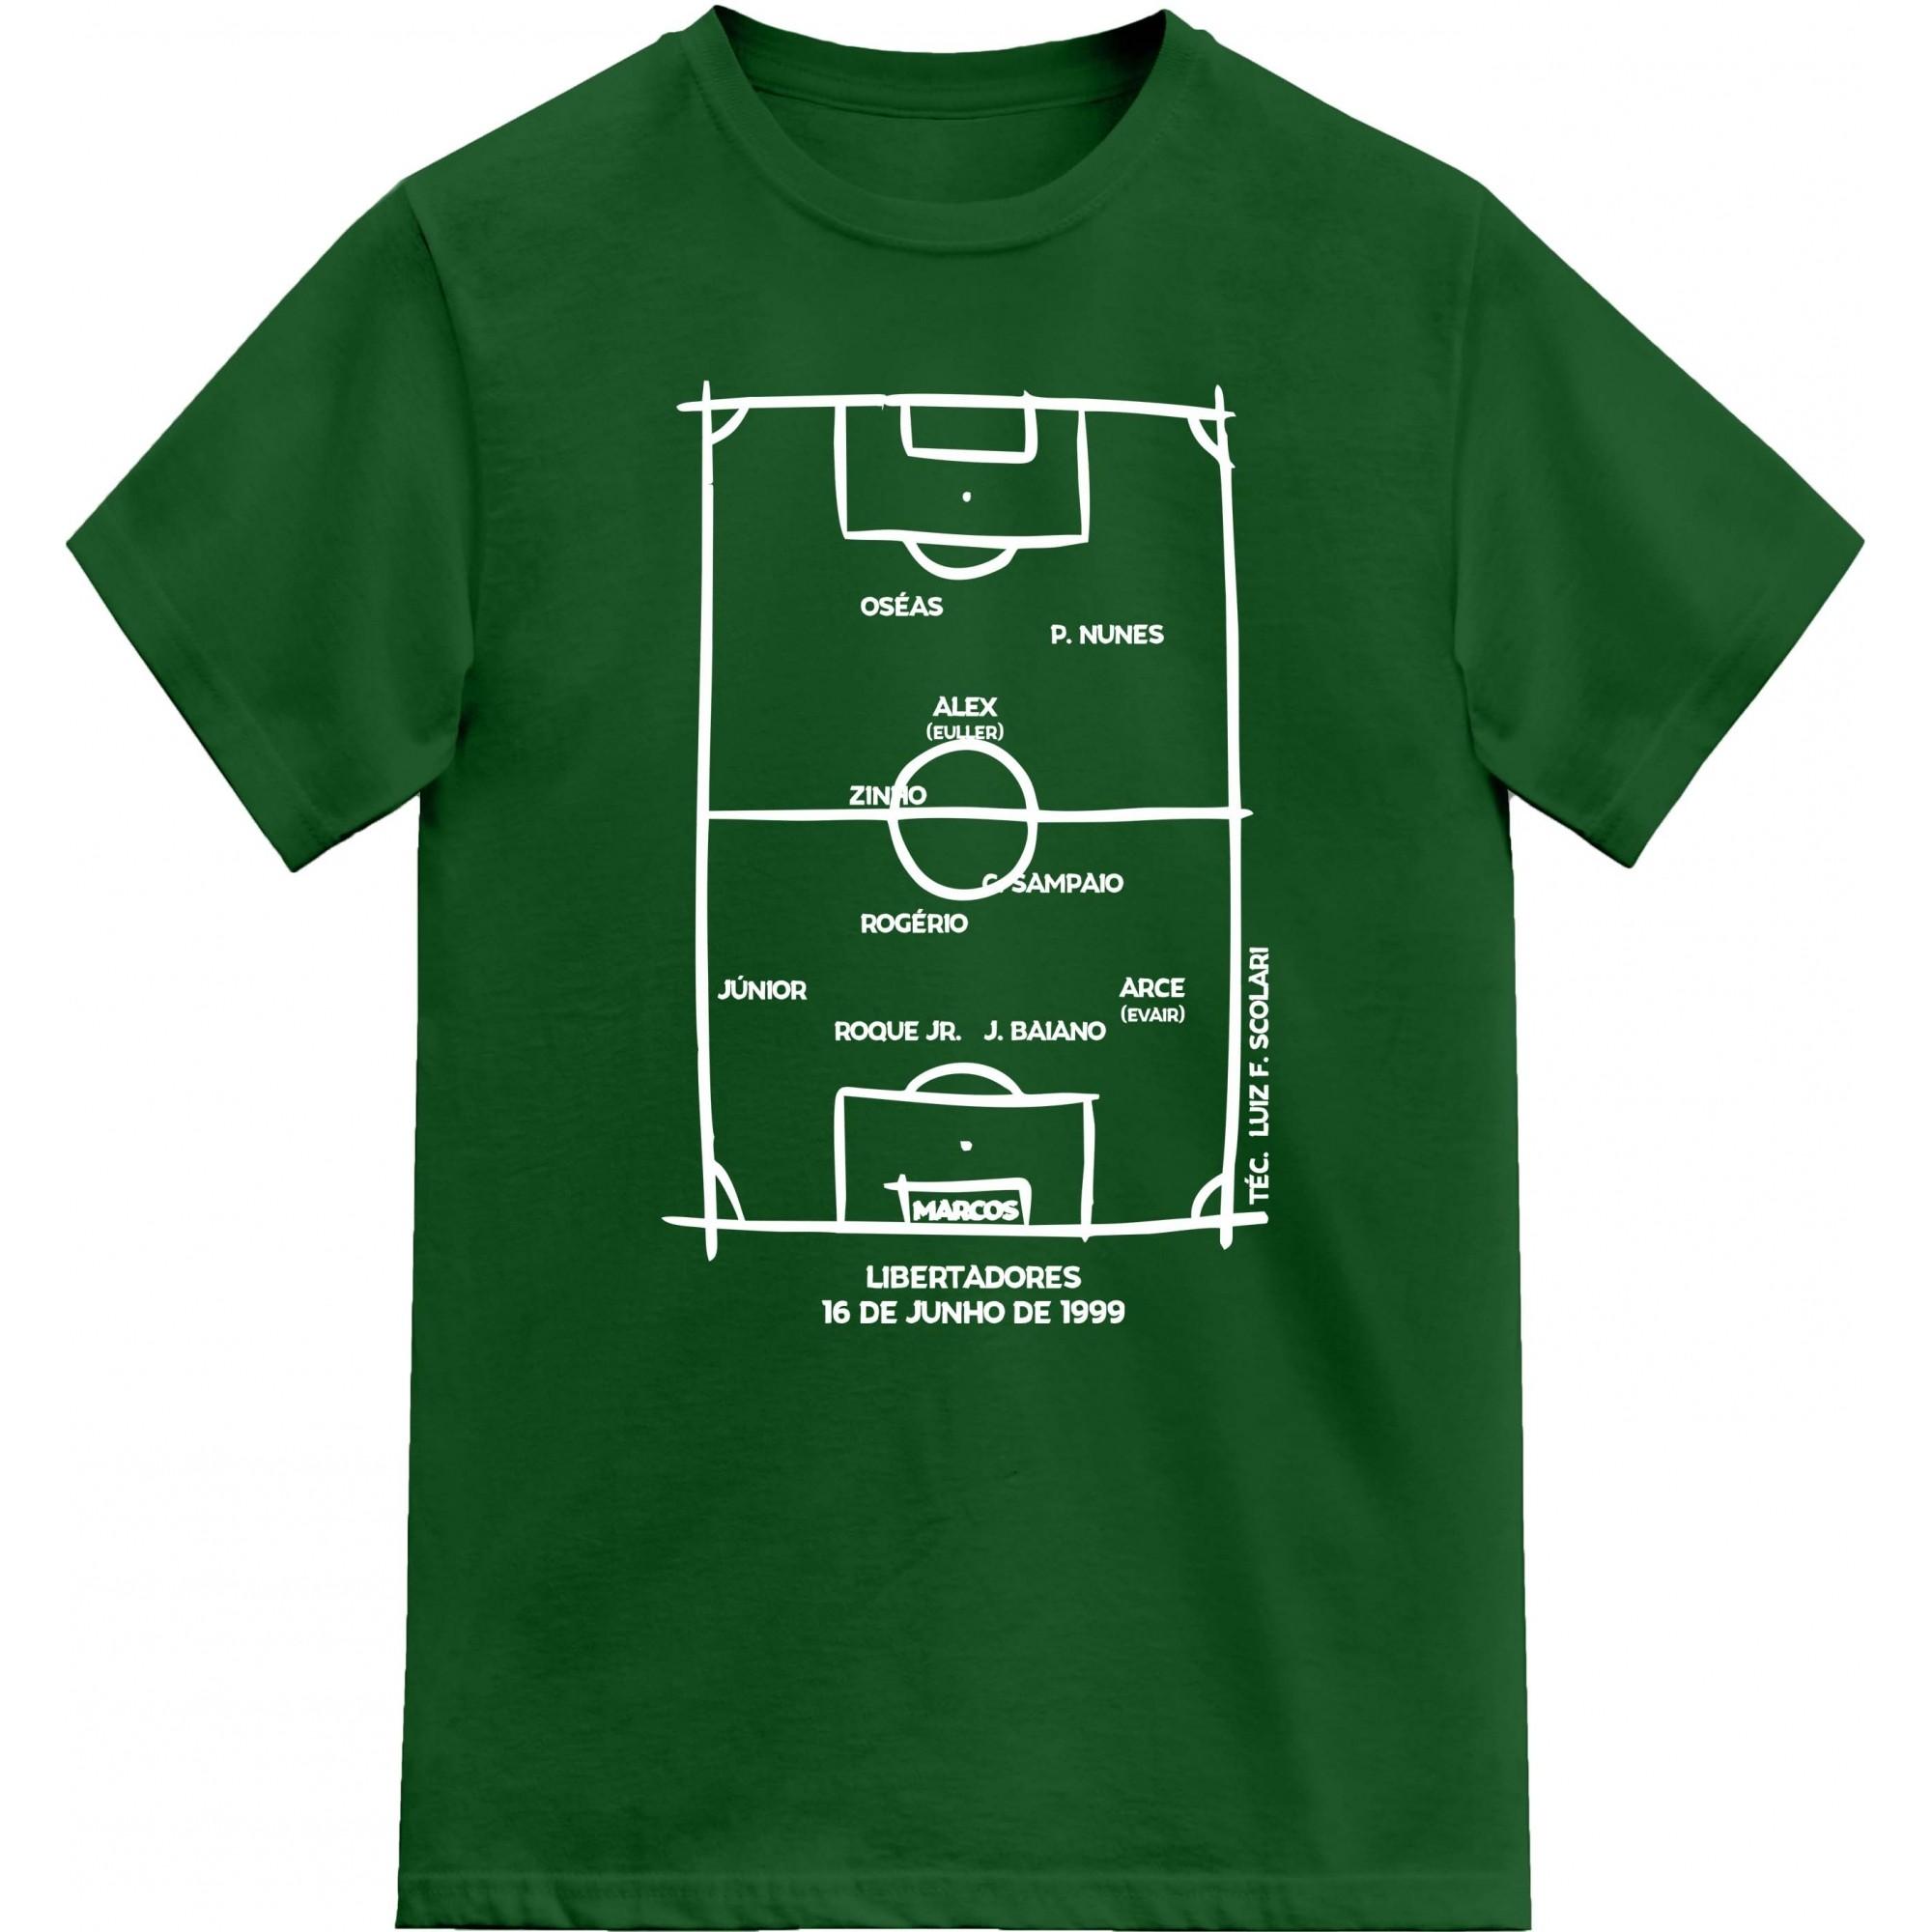 Camiseta Campeão Libertadores 1999